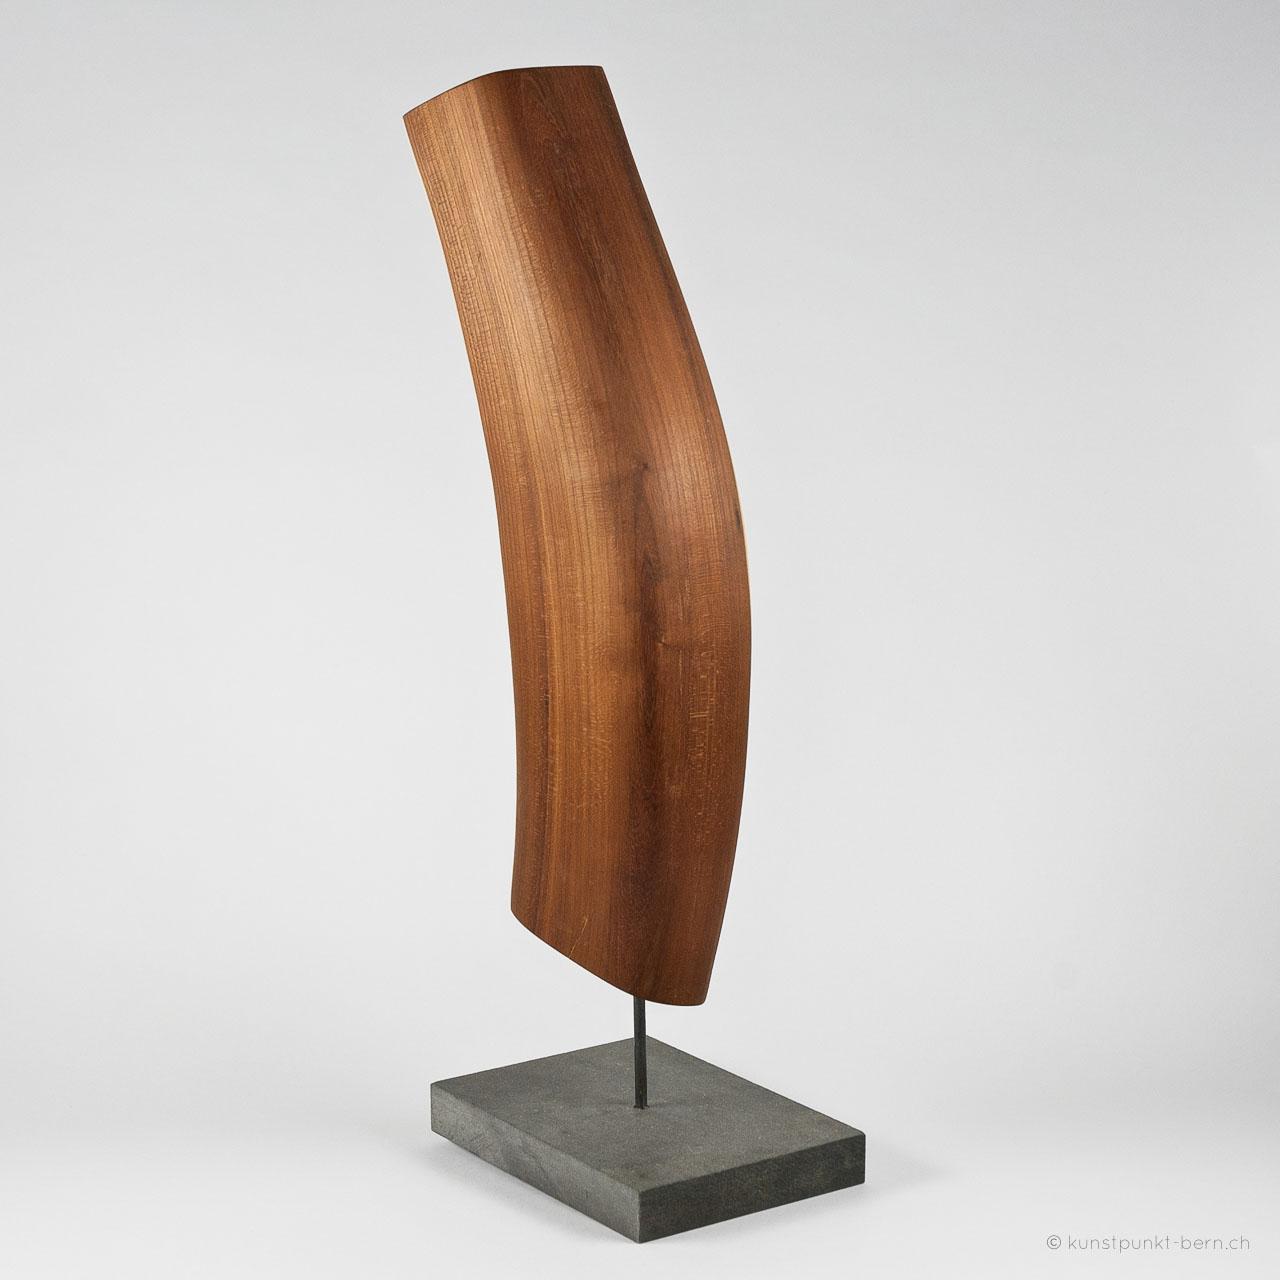 Erinnerung aus Goldregen - Holzskulptur - von Judith Kaffka - kunstpunkt-bern.ch